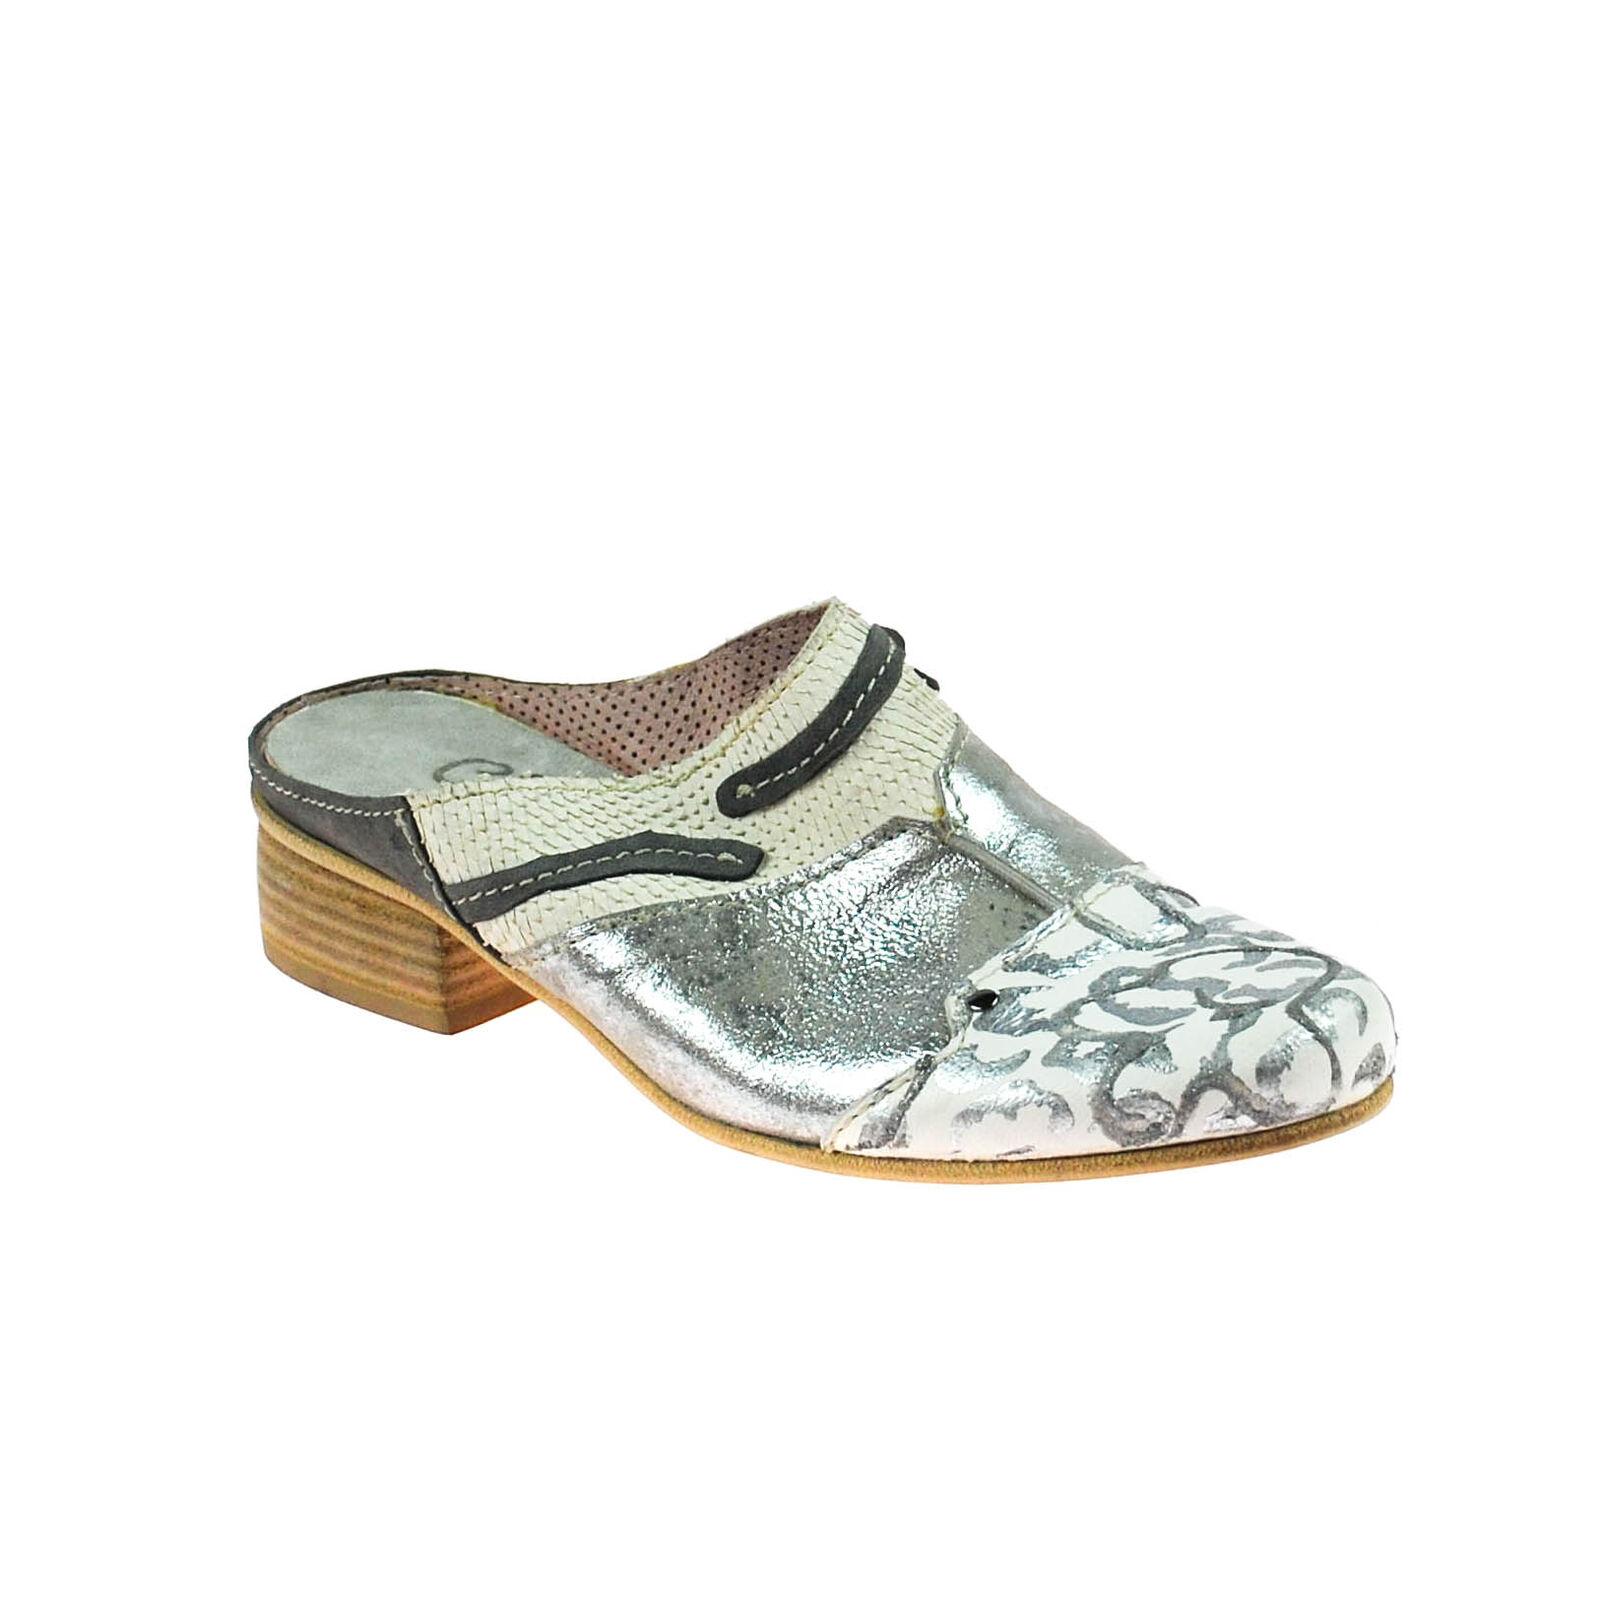 S Chaussures Femmes Kz8onwpx0n Basses Ouverte Cuir Charme GSUpzVMq